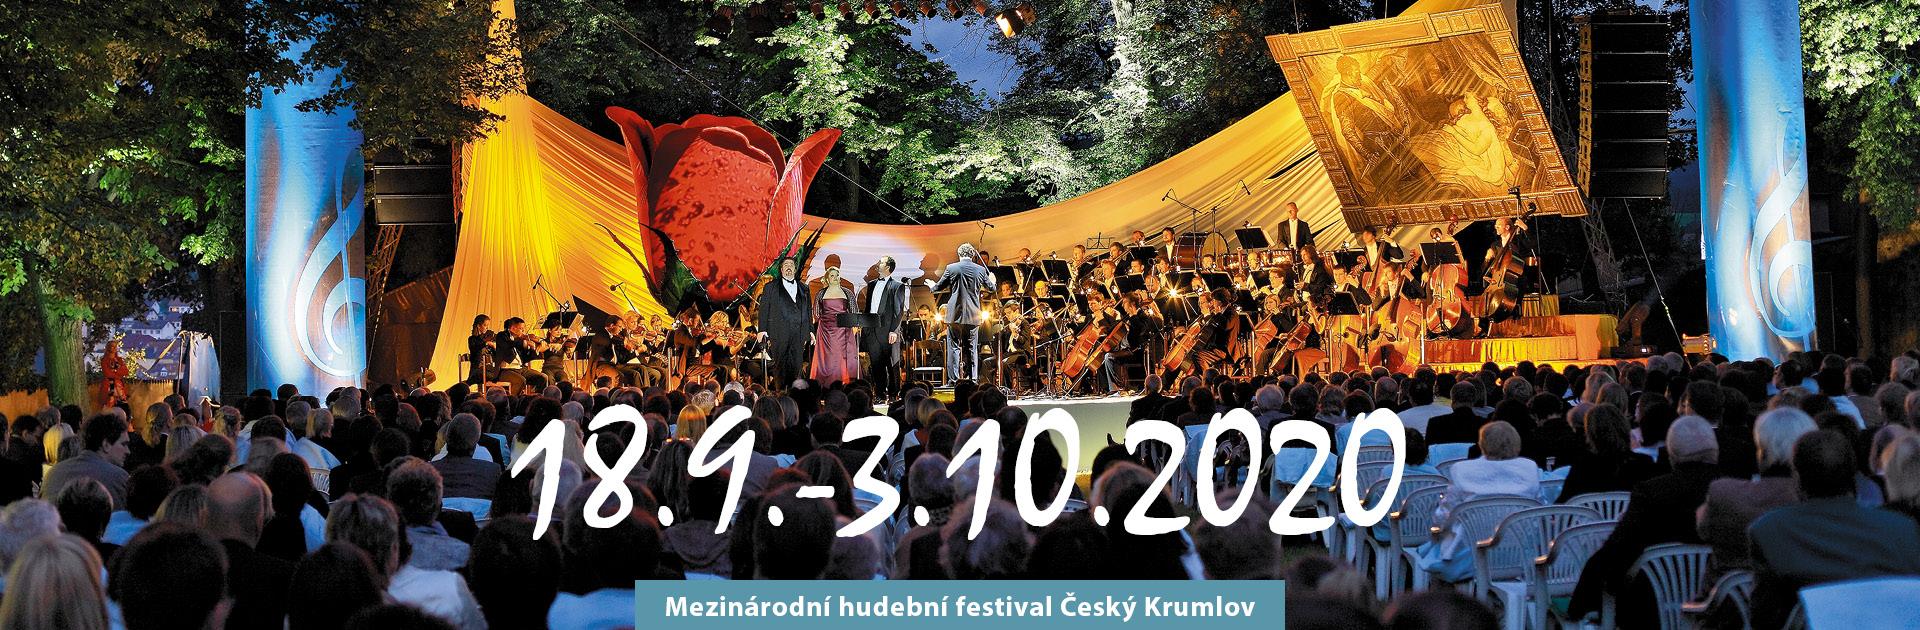 Internationales Musikfestival Český Krumlov, Bildquelle: Libor Sváček archiv Vydavatelství MCU